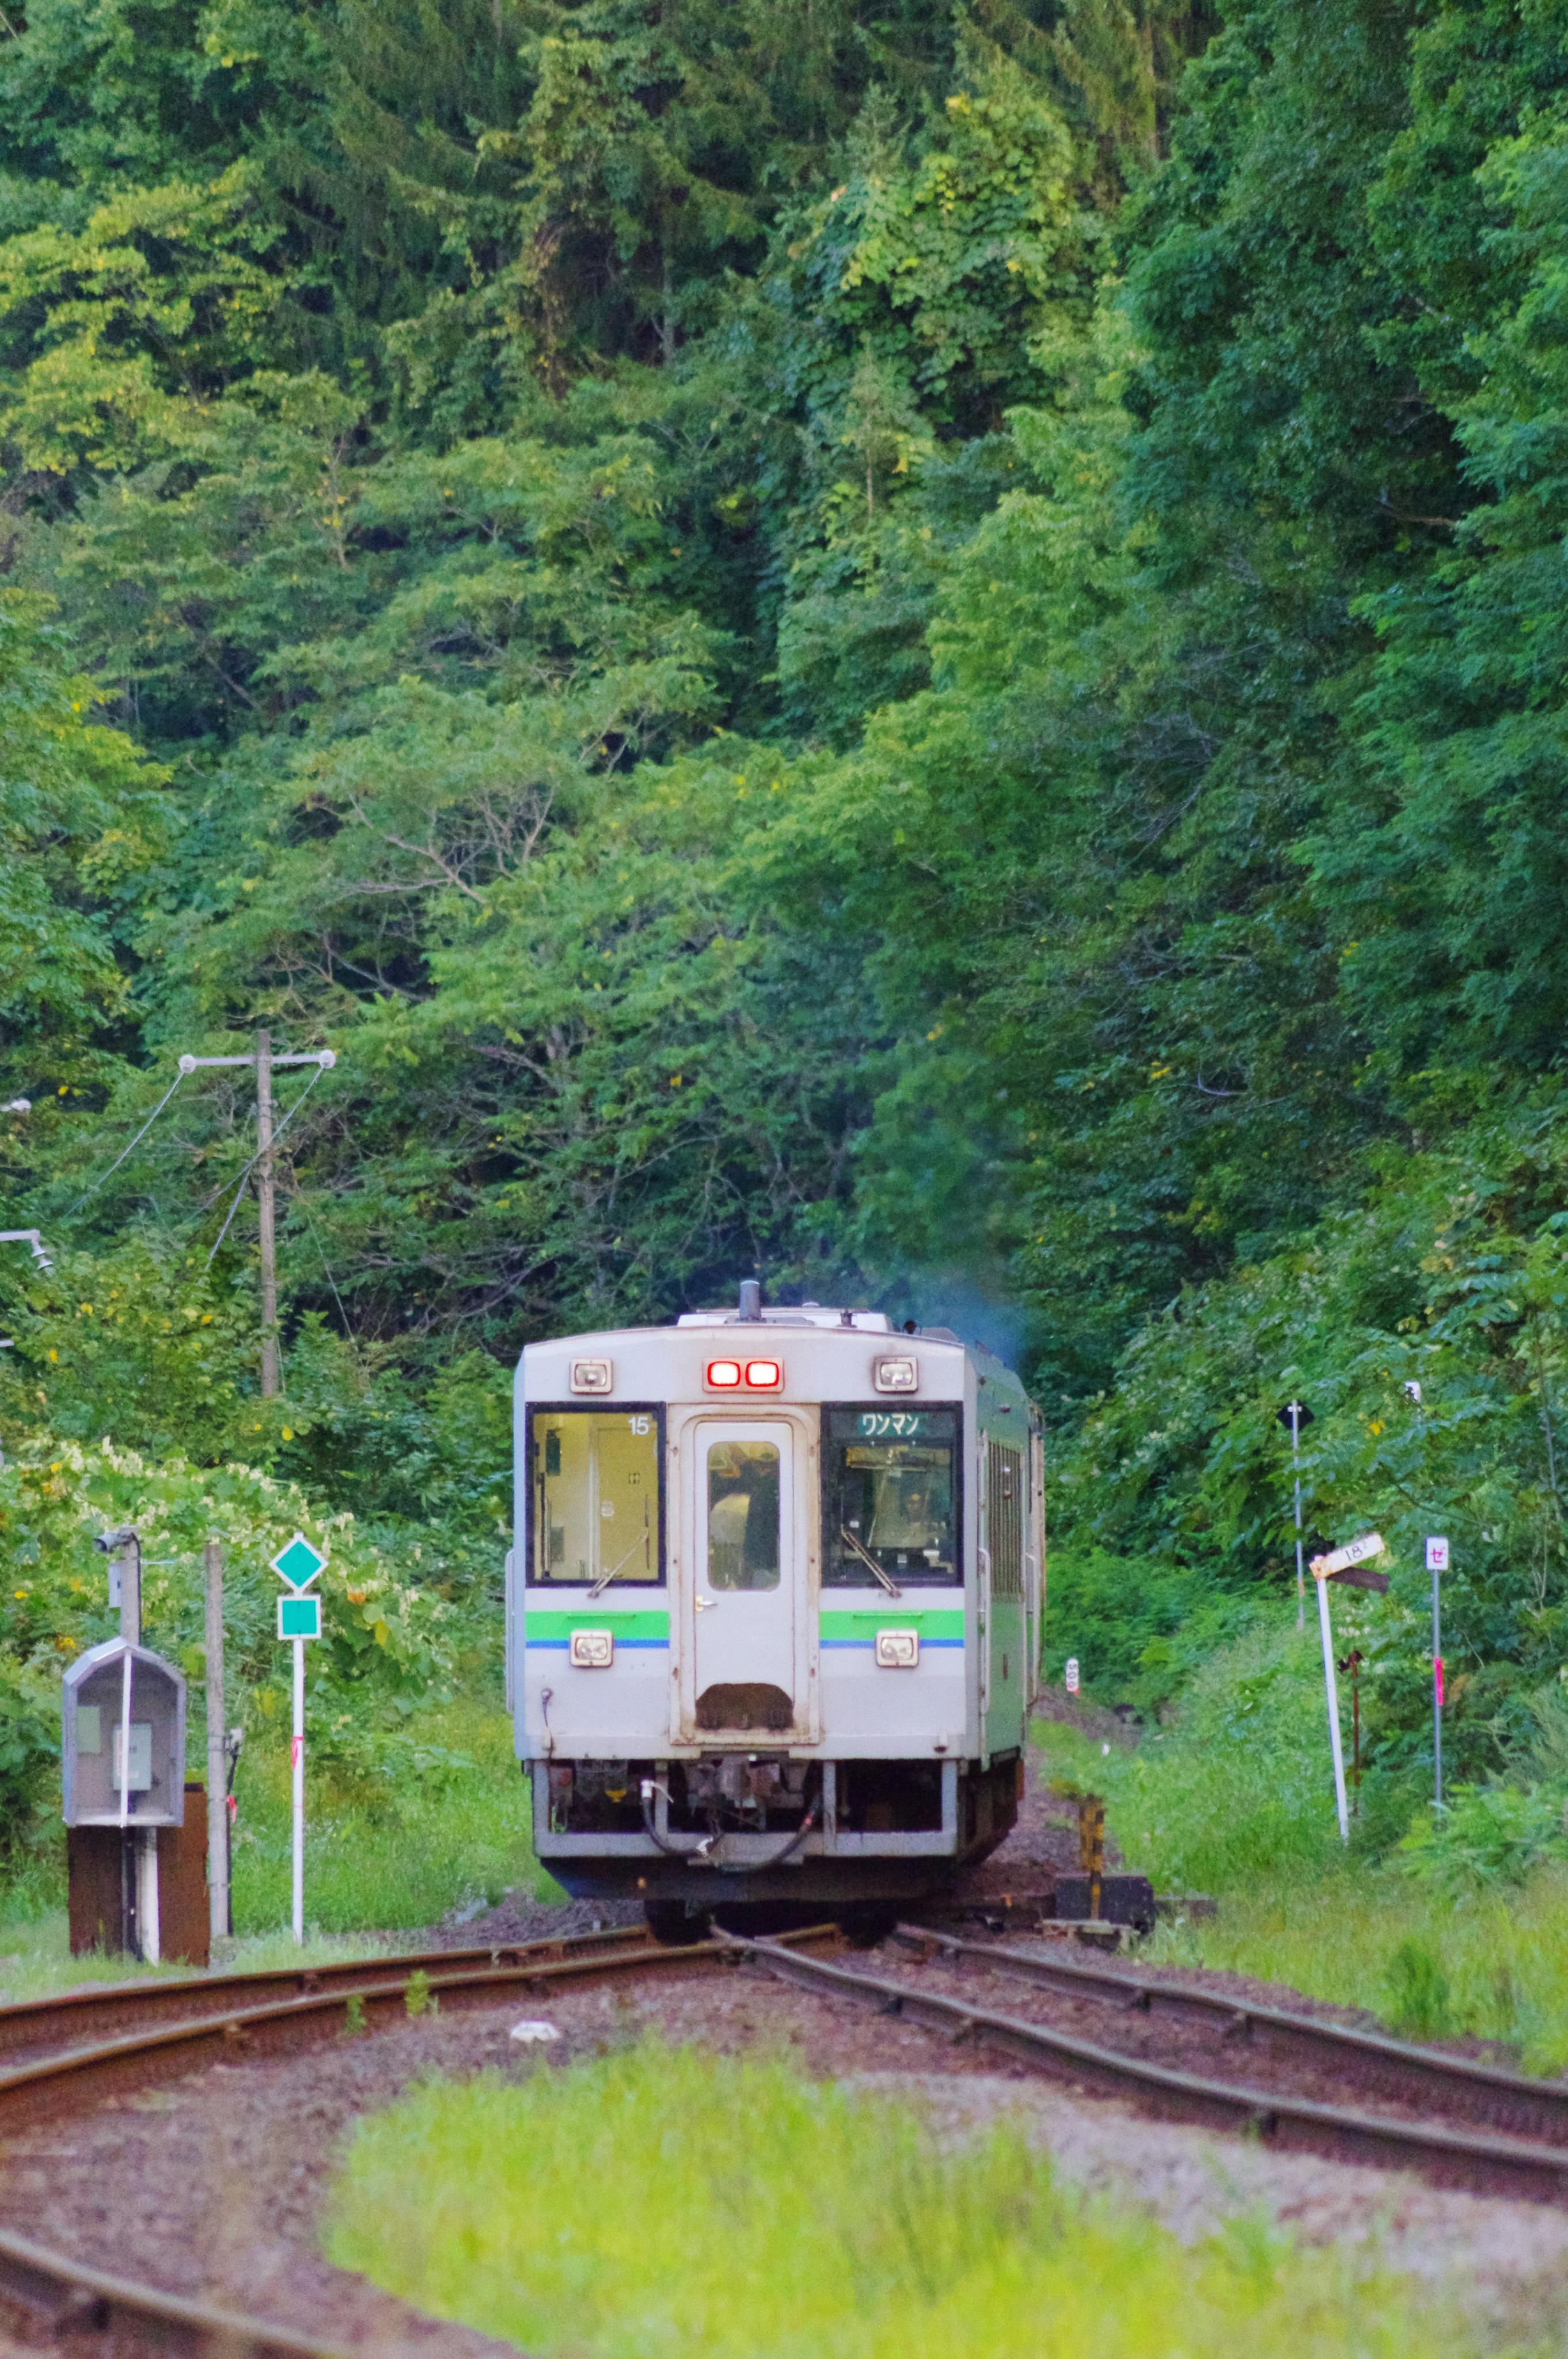 180902 銀山駅出発 2950D.jpg